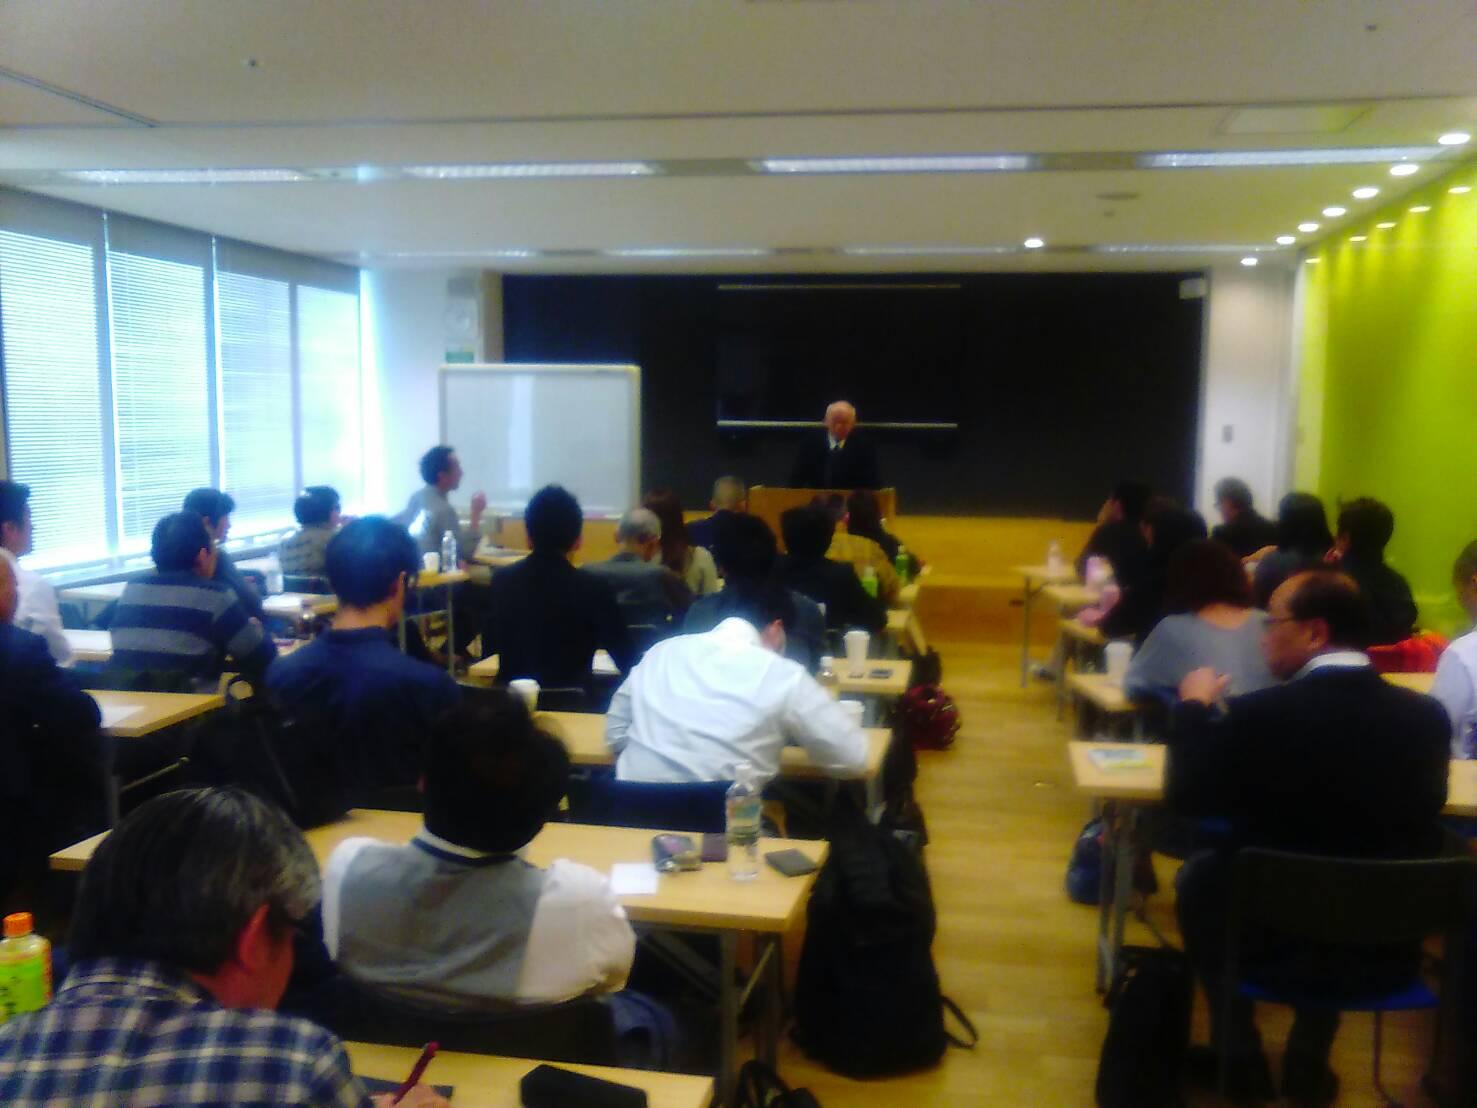 105773 - 2019年2月2日(土)第1回東京思風塾「第二の黎明期を作る問いとは」をテーマに開催